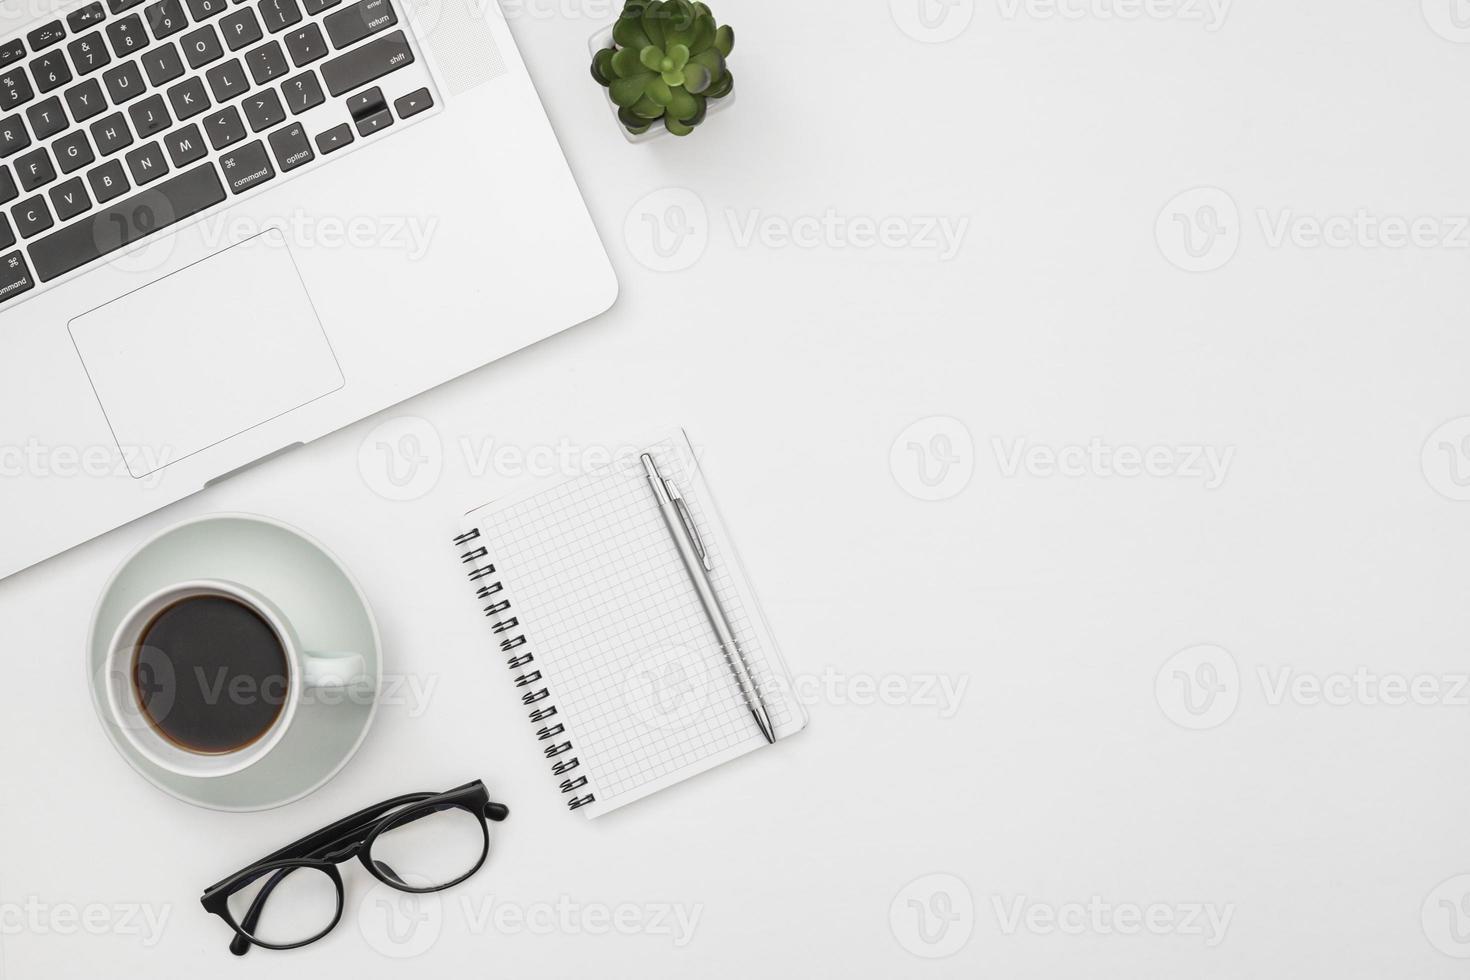 maqueta de portátil con bloc de notas foto